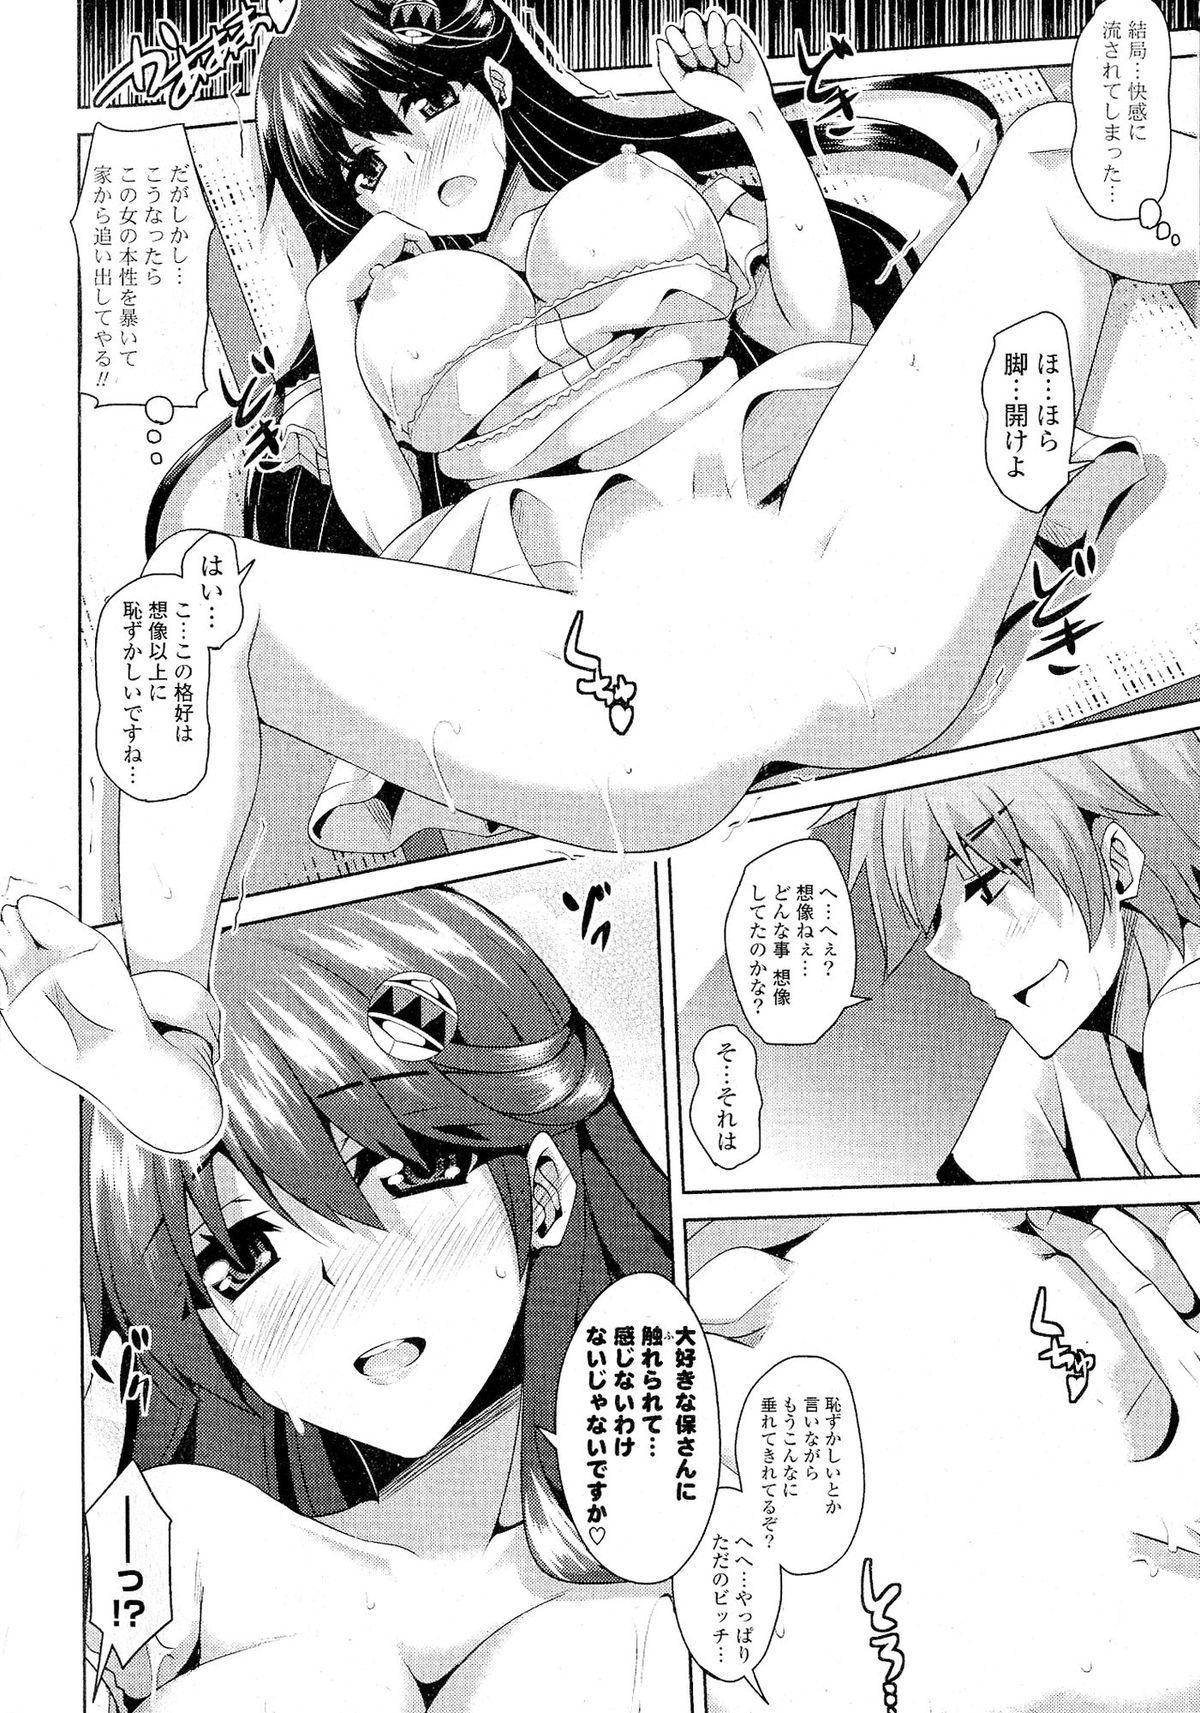 Doki ga Mune Mune Chichimusume 339